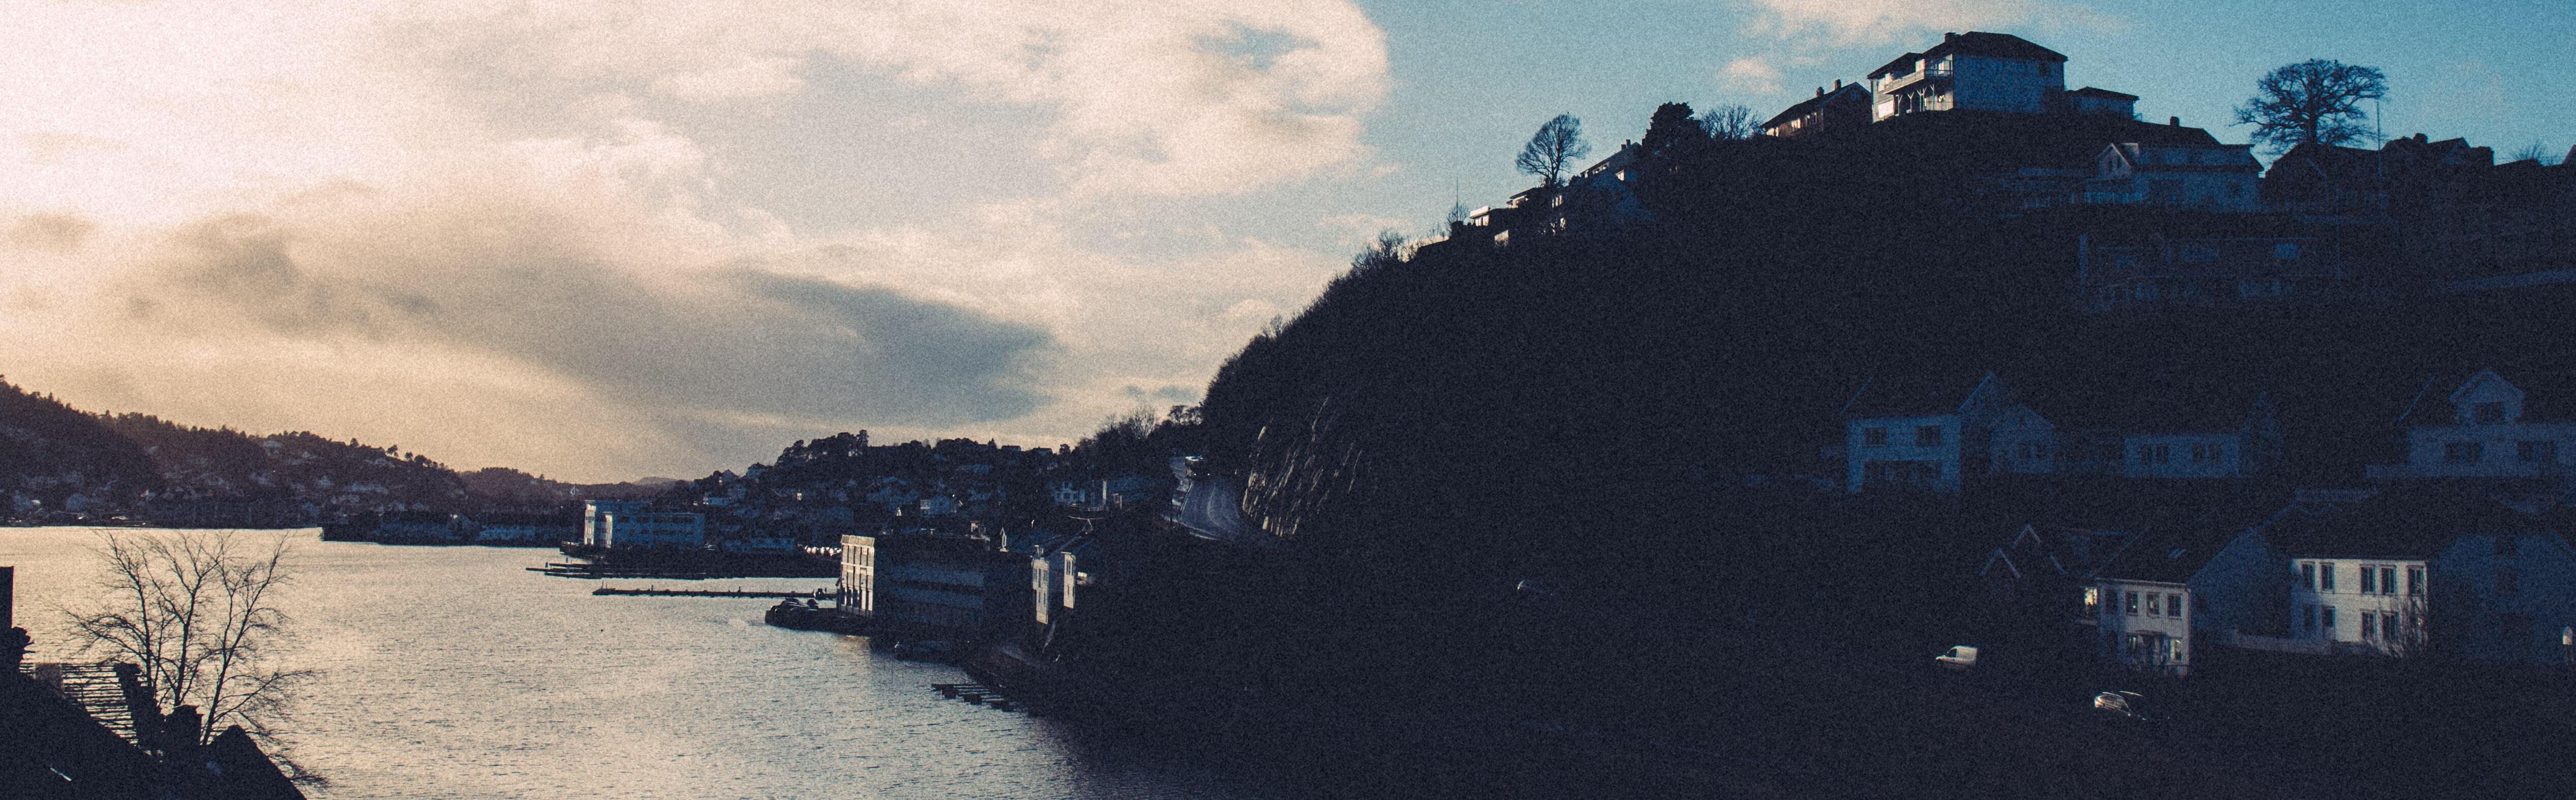 Utsikt over Arendal.